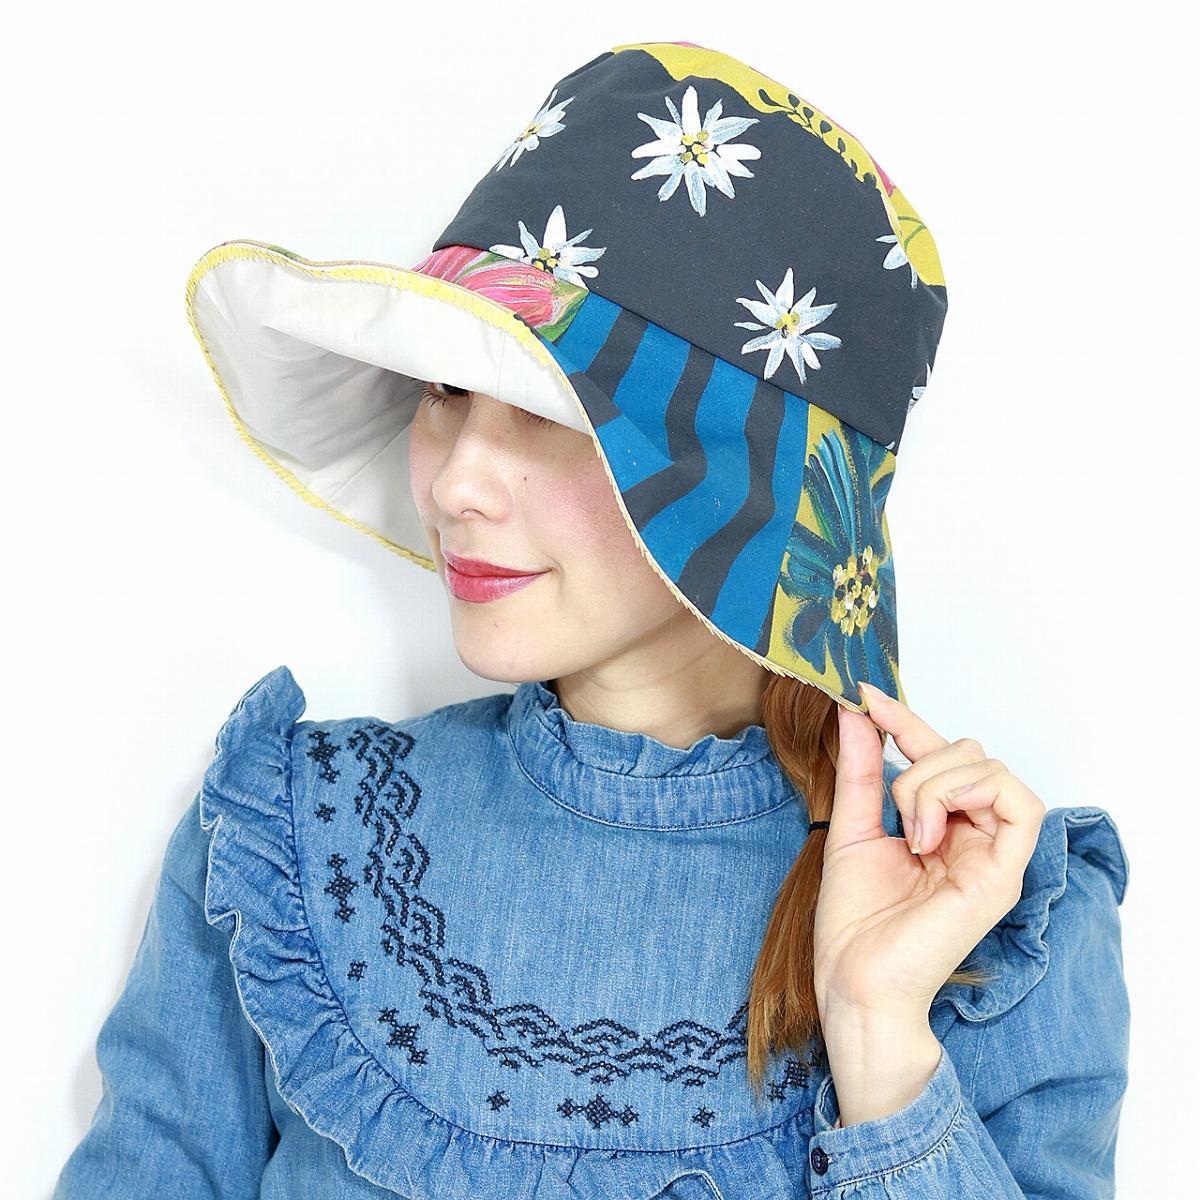 バラ色の帽子 flowerパレード ハット レディース Barairo no Boushi 春 夏 帽子 日本製 ツバ広ハット 花柄 ミセスハット コットン フラワー パッチワーク 個性的 婦人帽子 / 青 ストライプ [ wide-brim hat ]